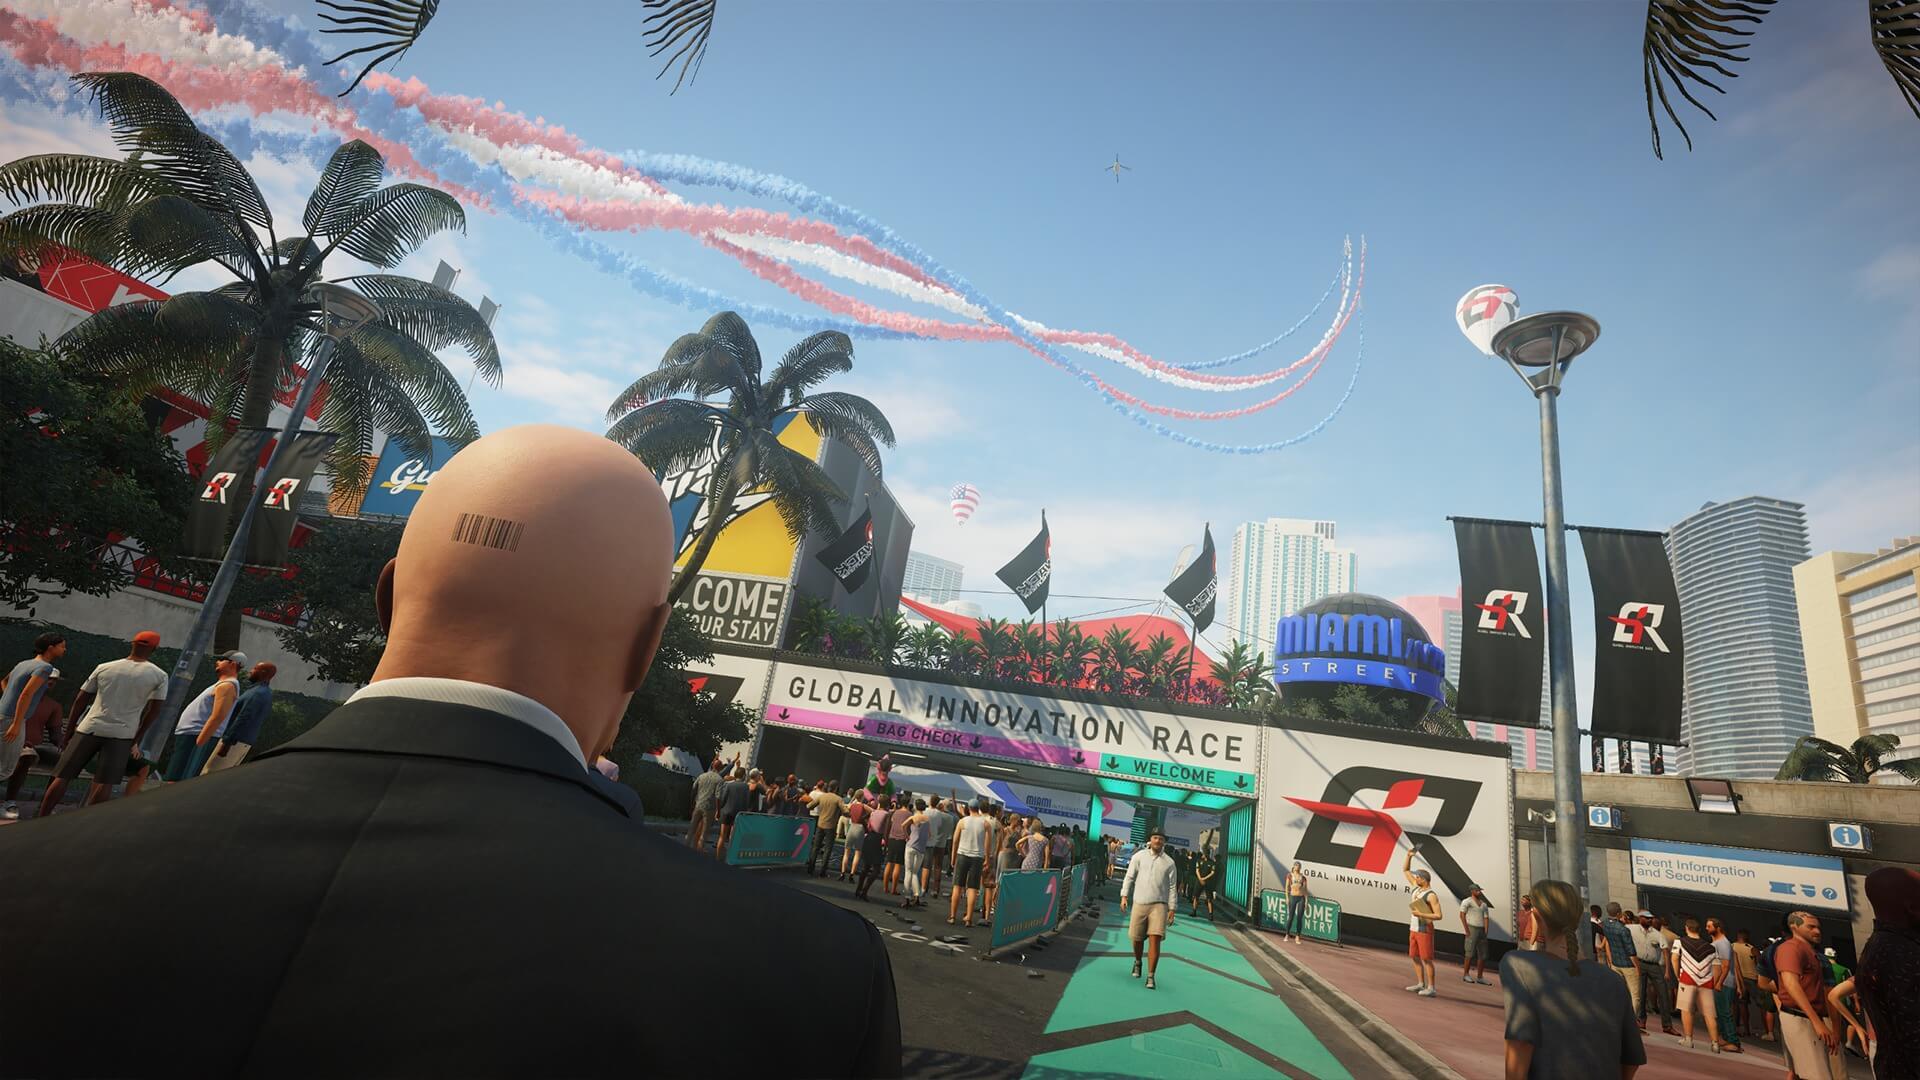 Forza Horizon 4 theme